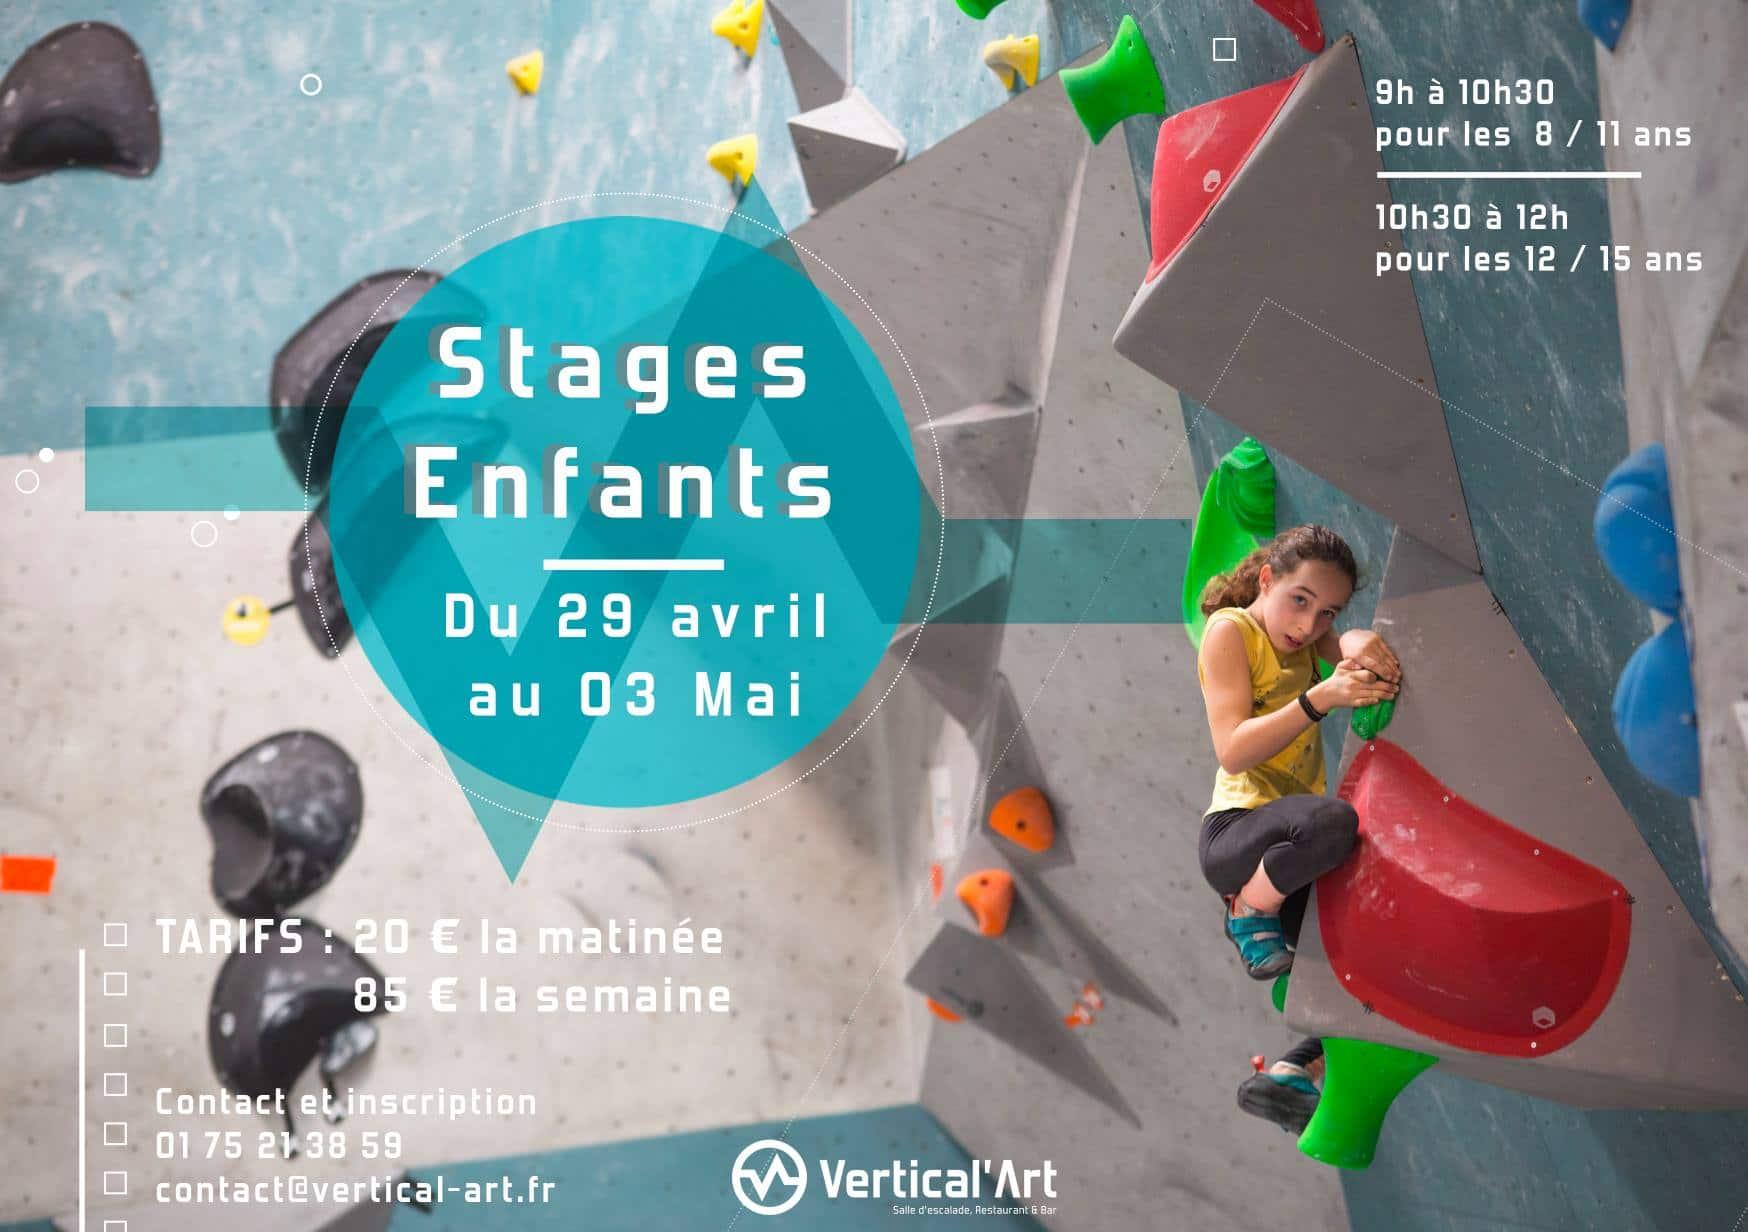 stage enfants à Vertical'Art - Saint-Quentin-En-Yvelines-en-yvelines - escalade de blocs - cours